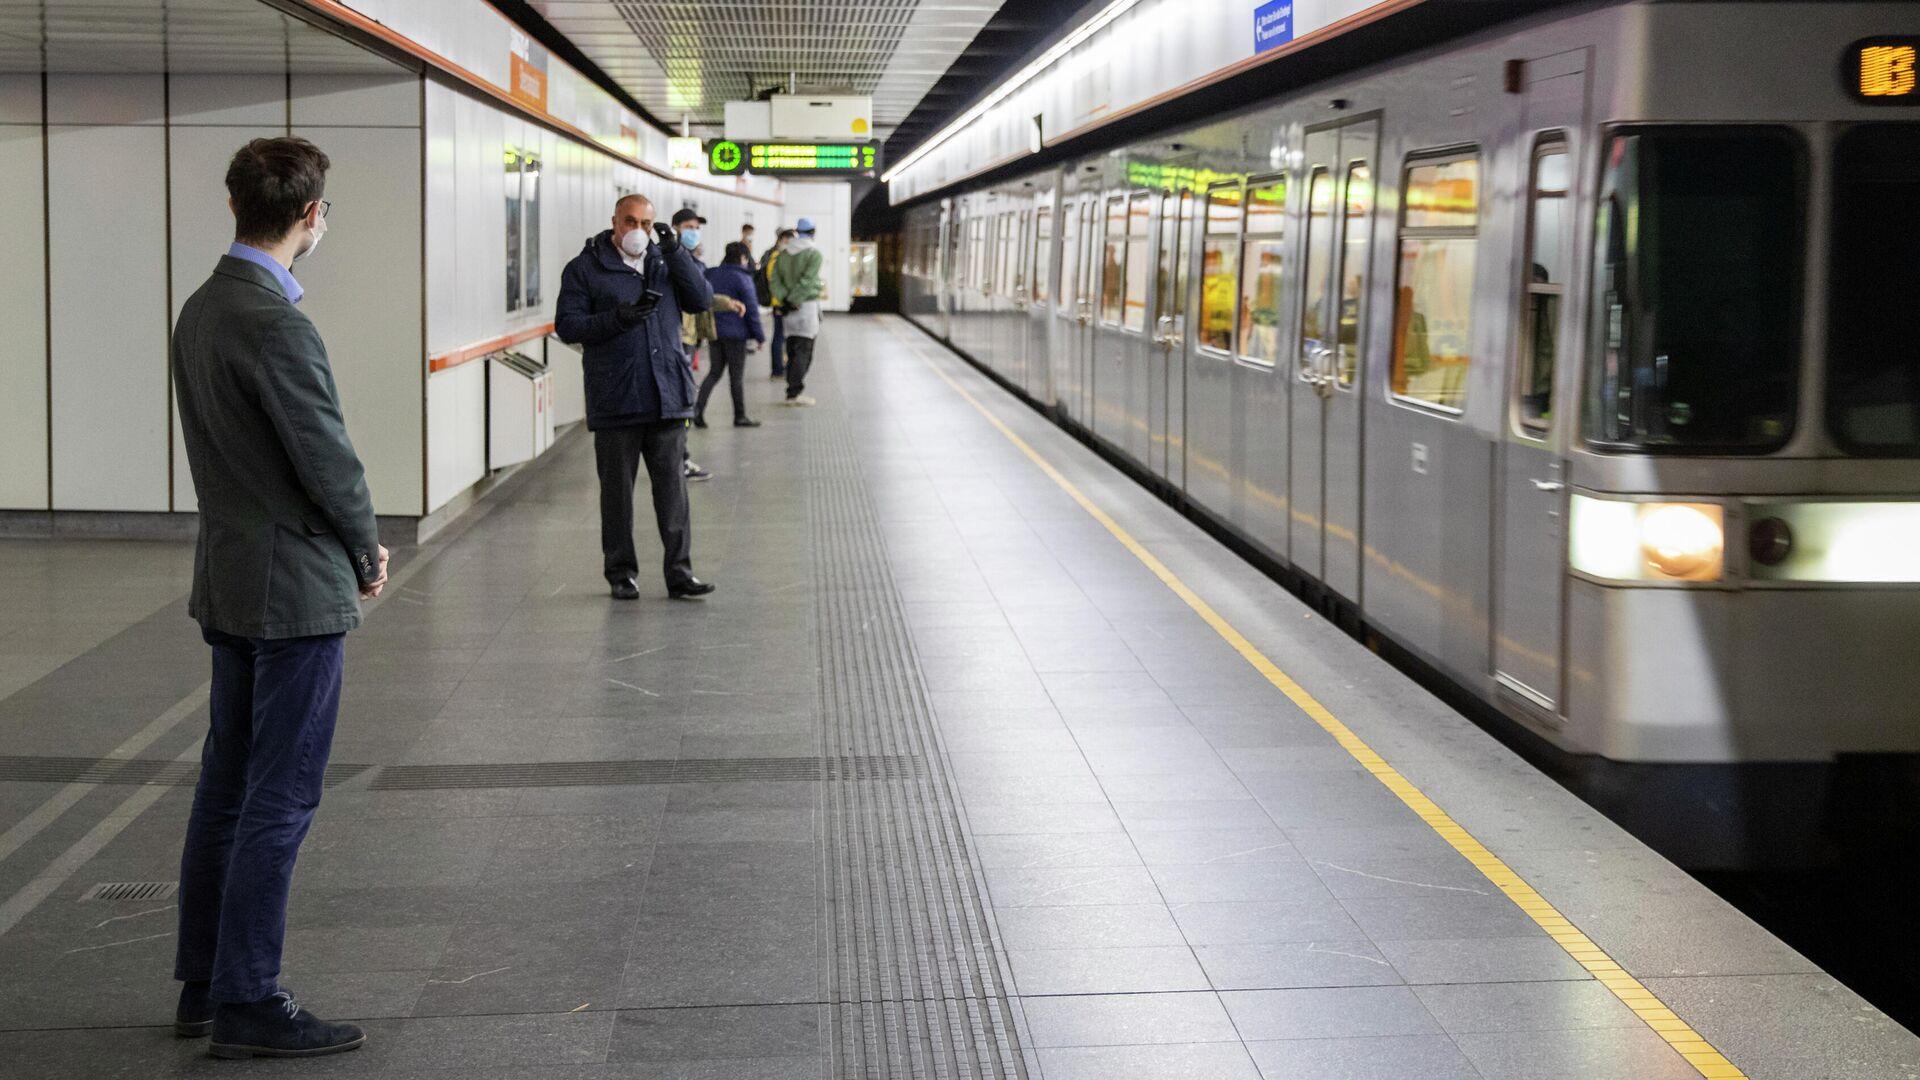 Пассажиры метро в Вене - РИА Новости, 1920, 17.01.2021